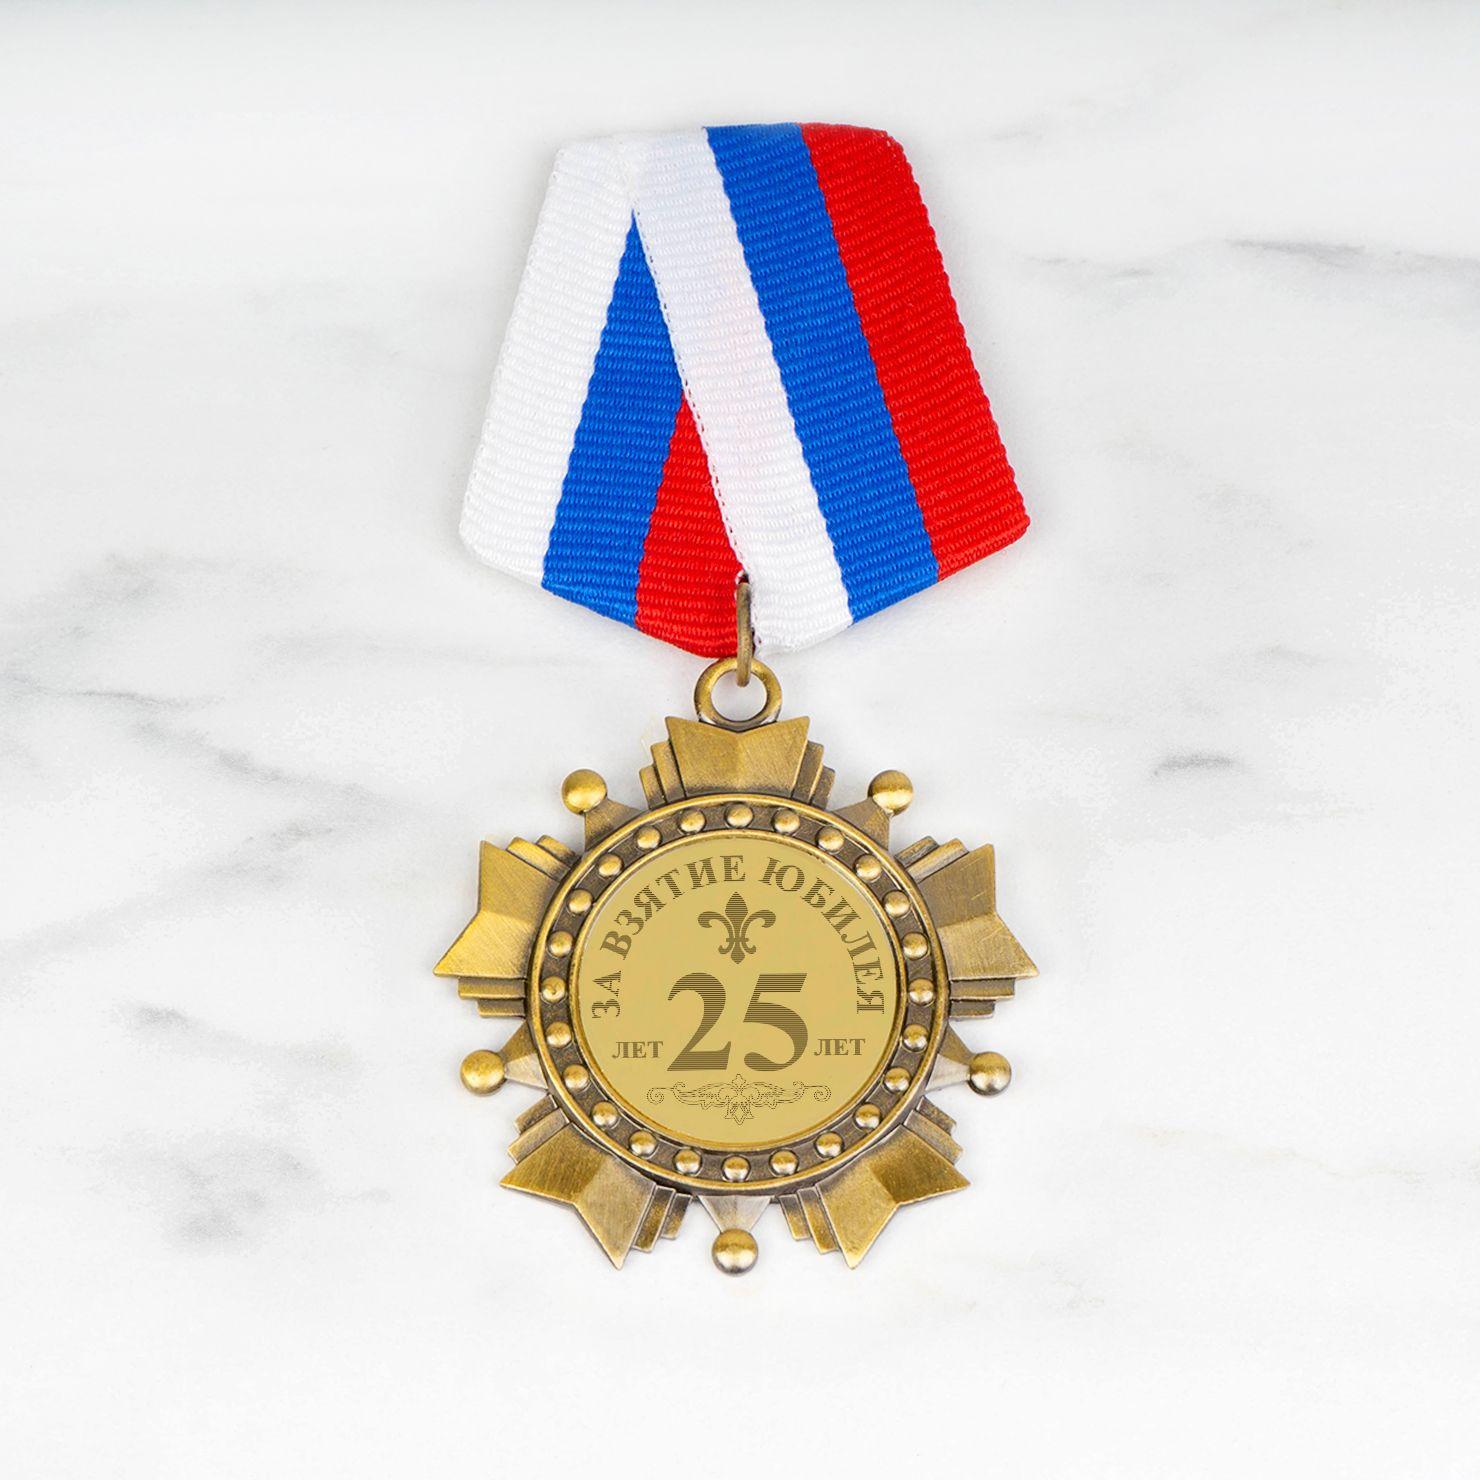 Орден *За взятие юбилея 25 лет*